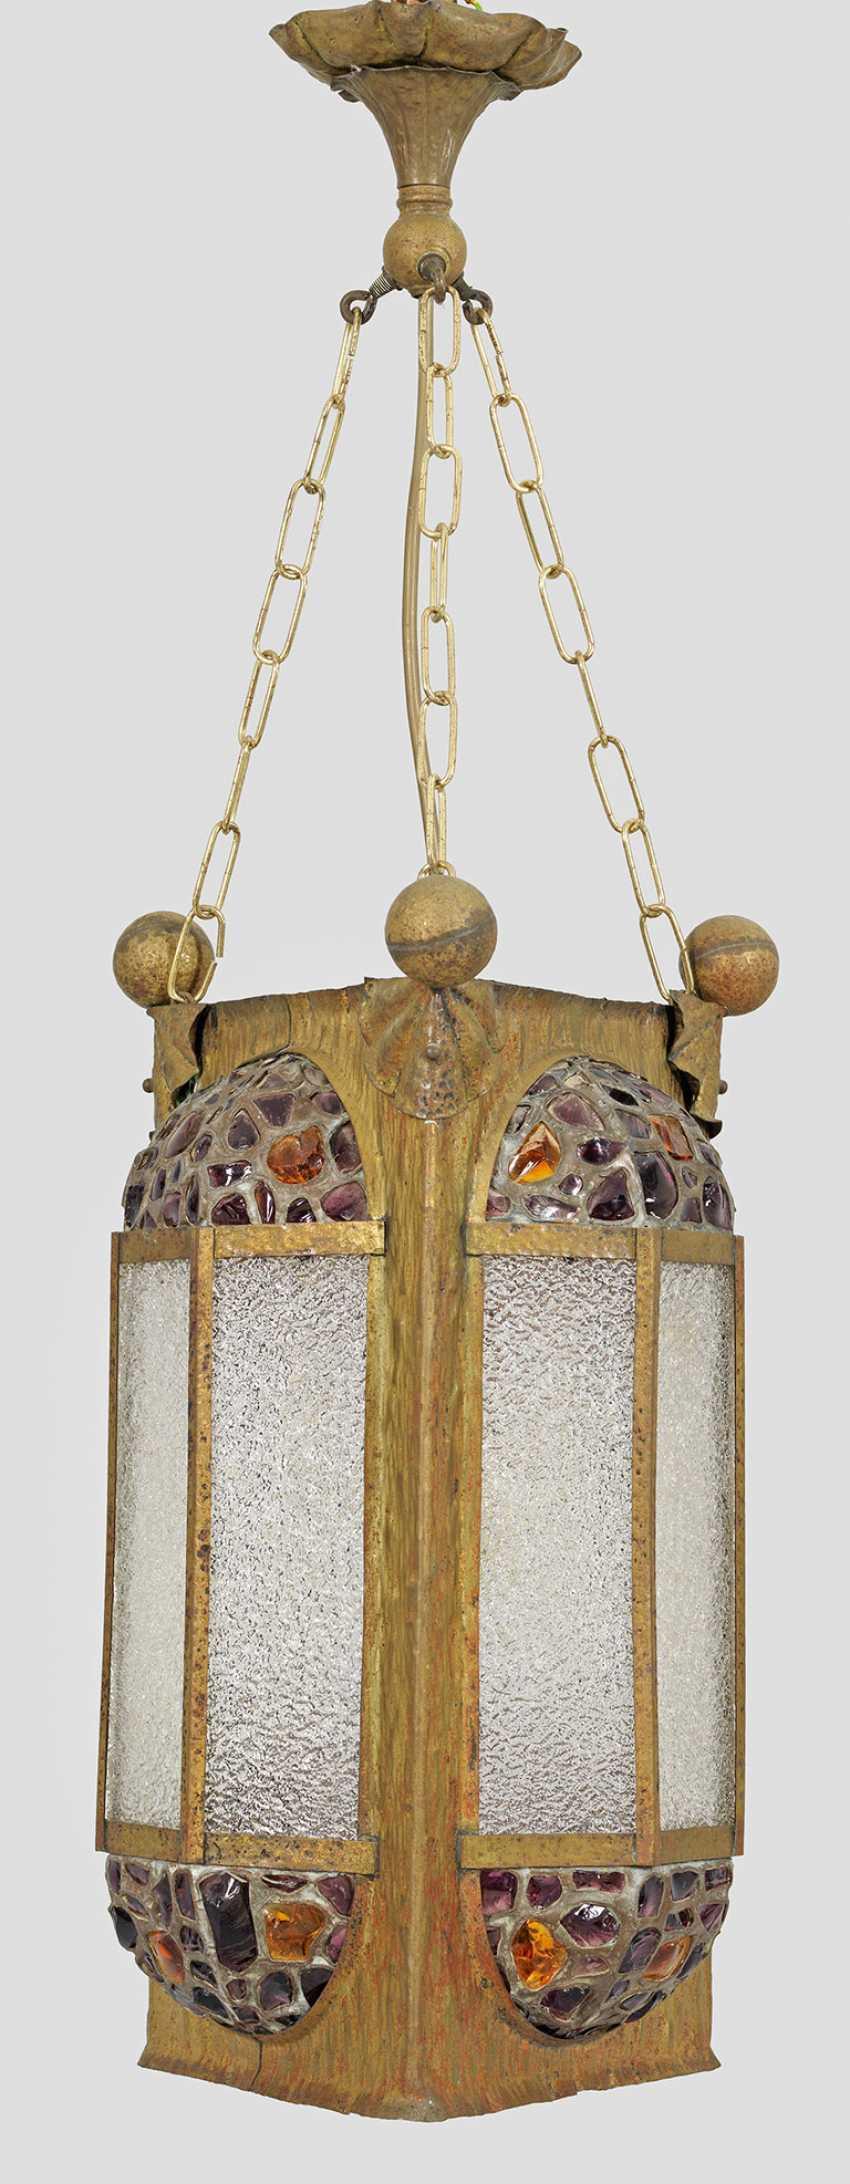 Art Nouveau Ceiling Lamp - photo 1